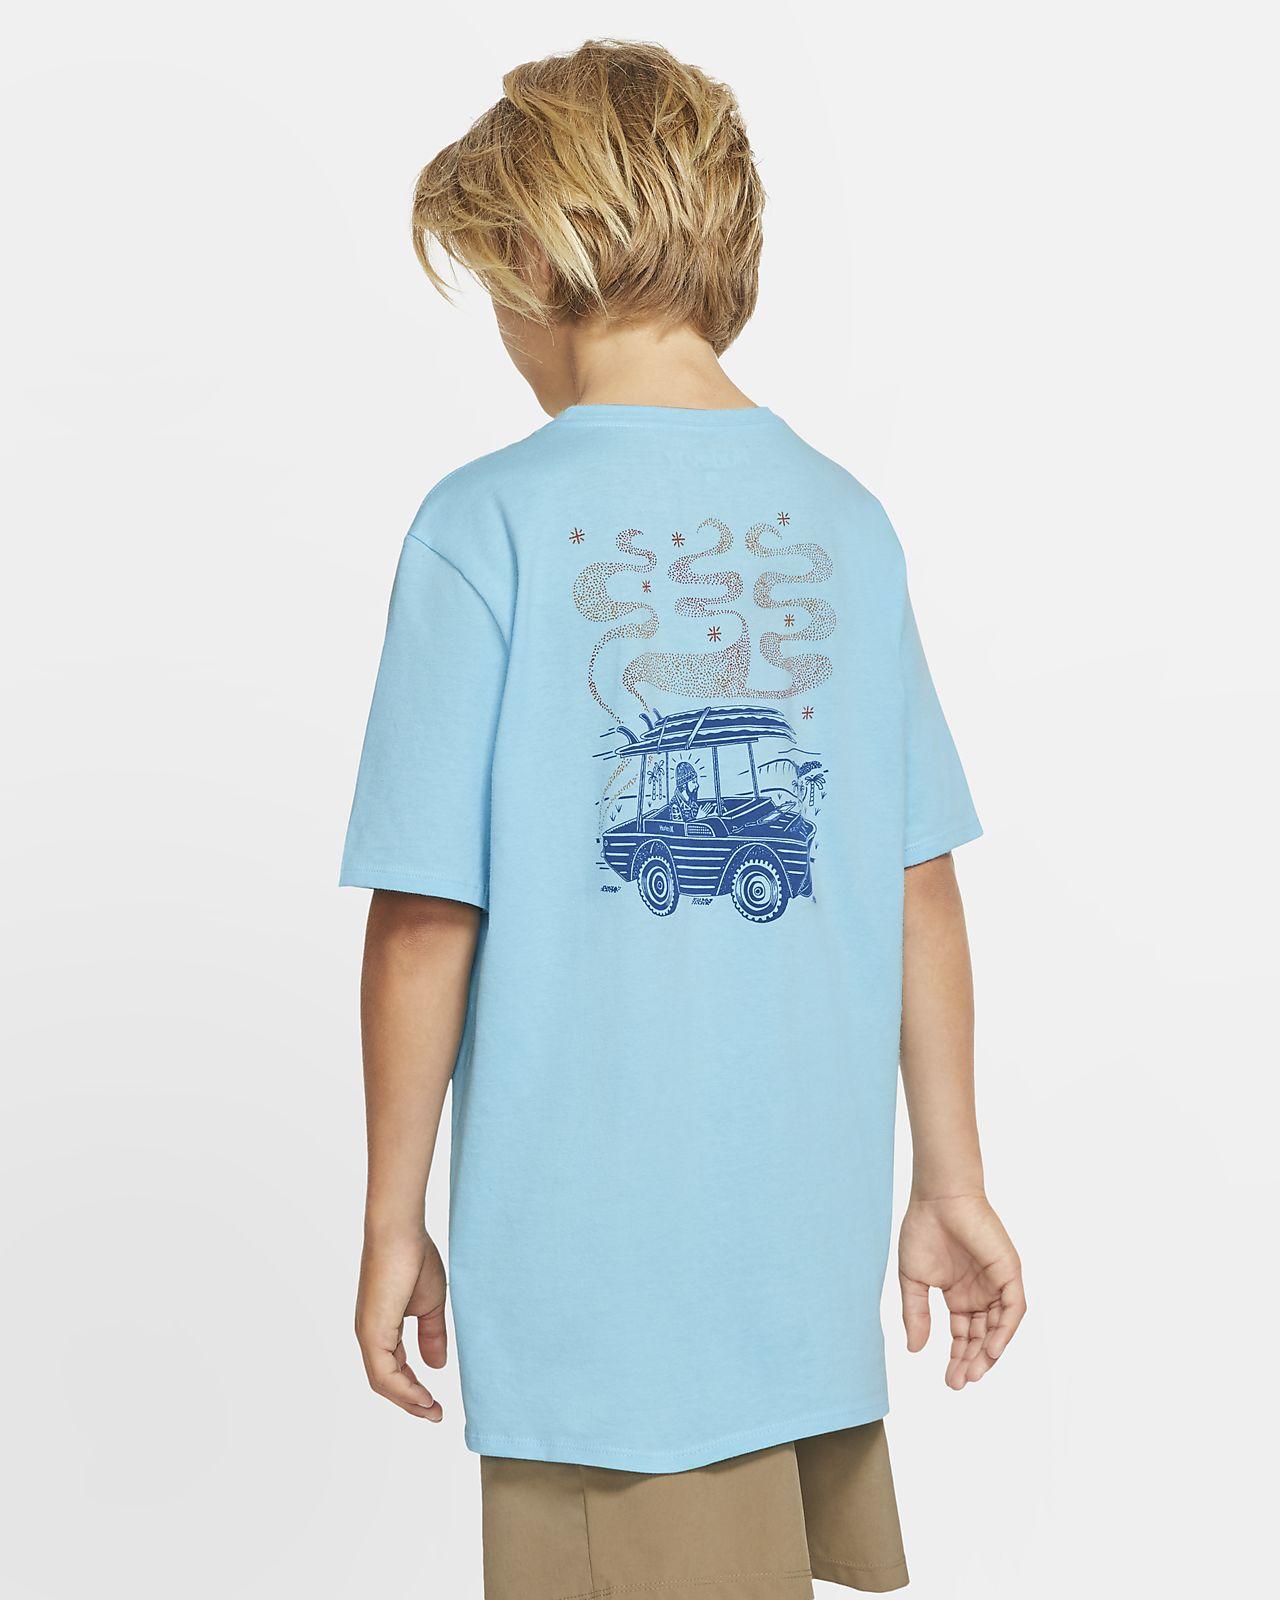 T-shirt Hurley Premium Search And Destroy med premiumpassform för killar